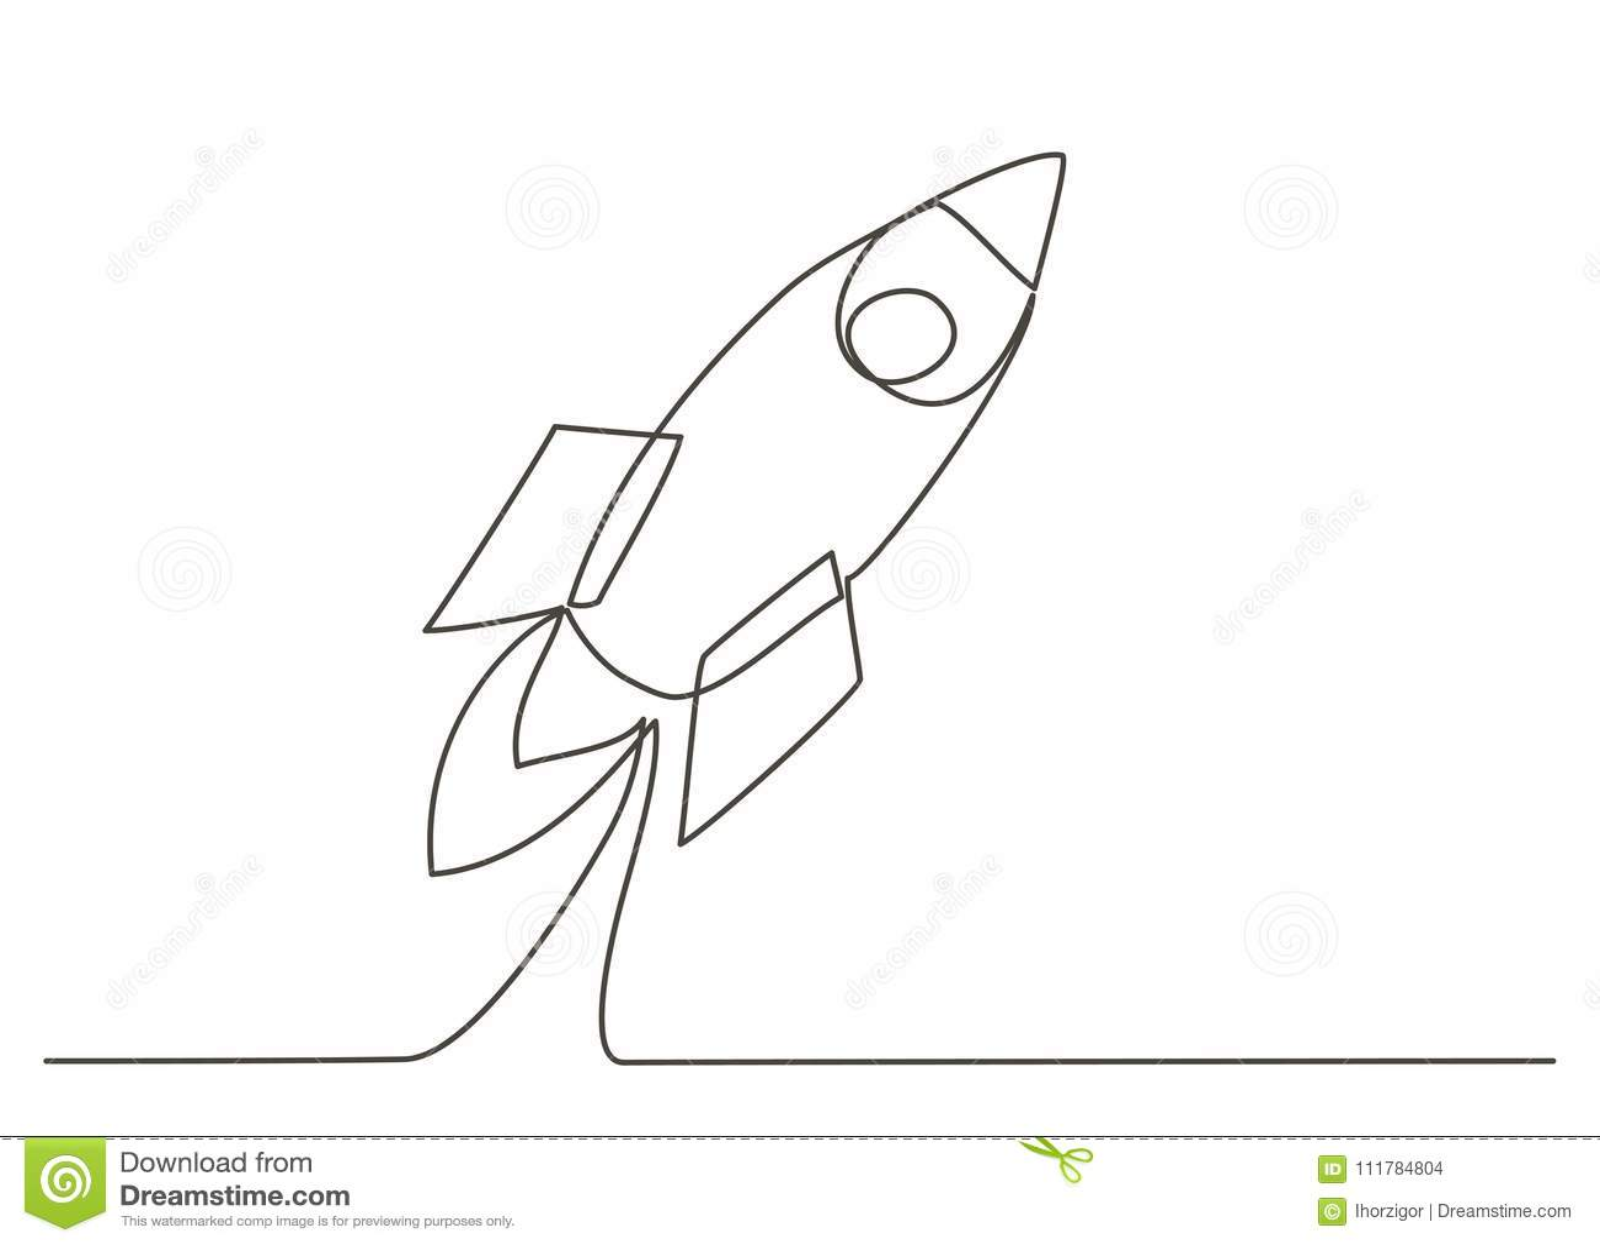 Rocket One linje teckning